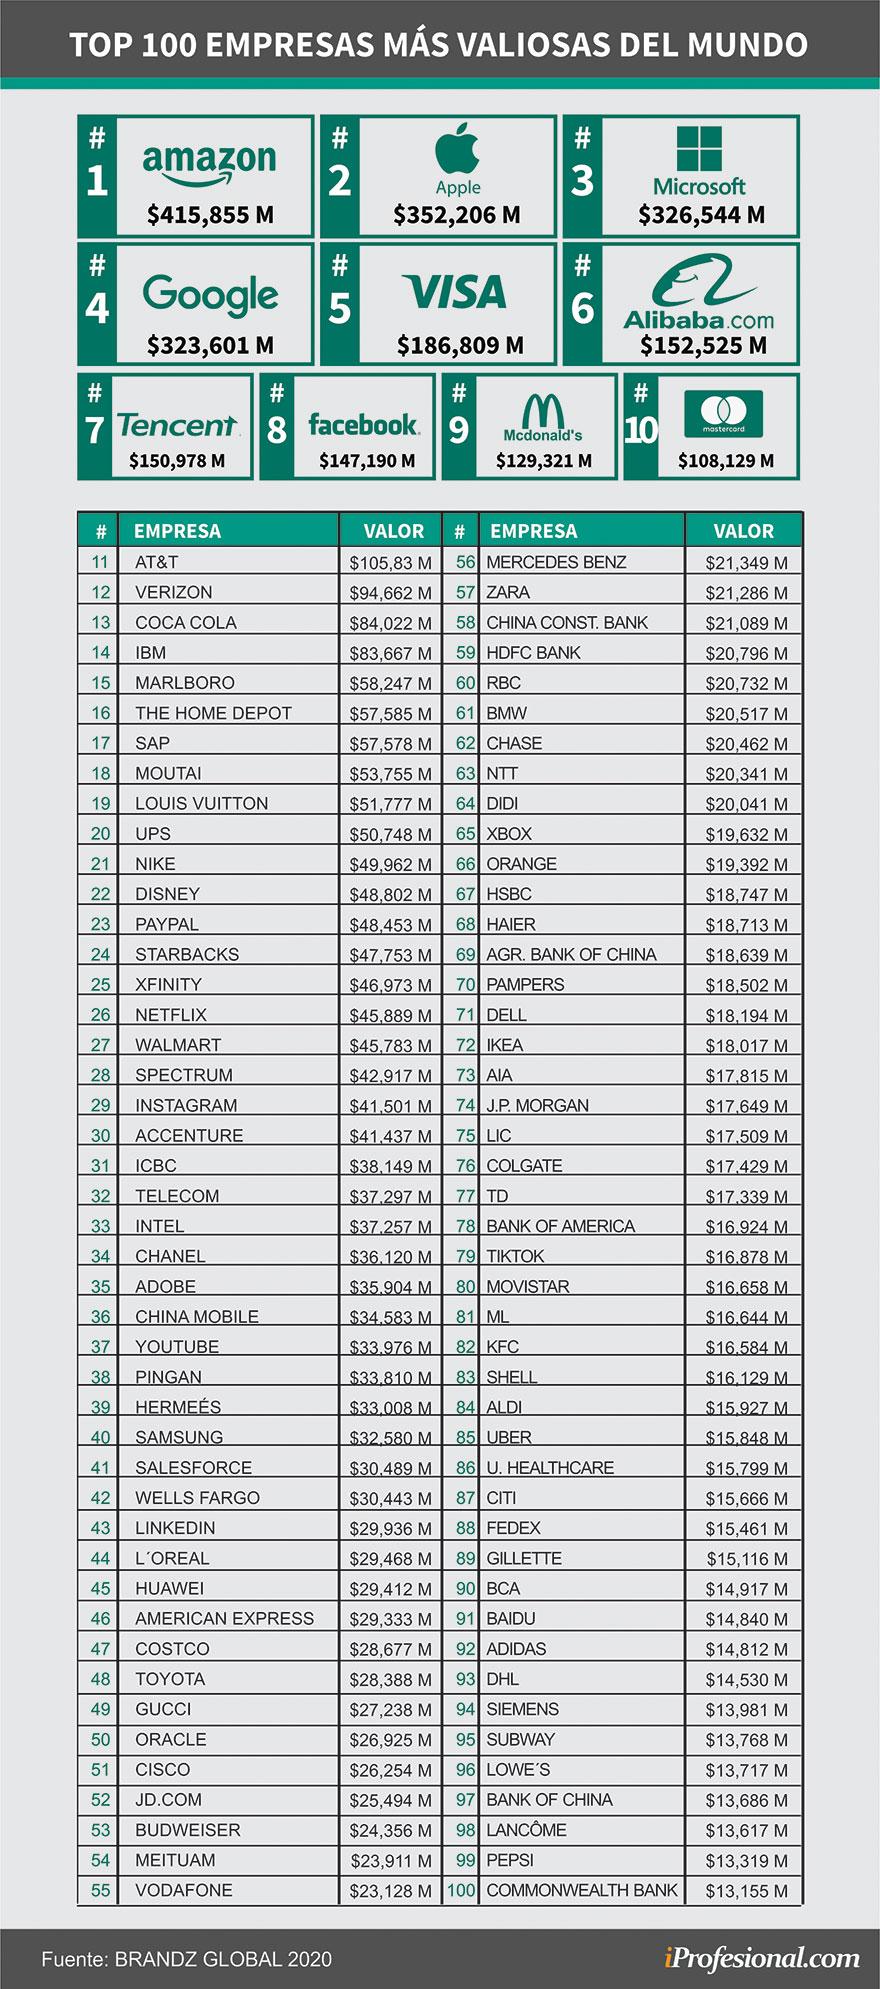 Estas son, según el ranking BrandZ 2020, las empresas con las marcas más valiosas del mundo